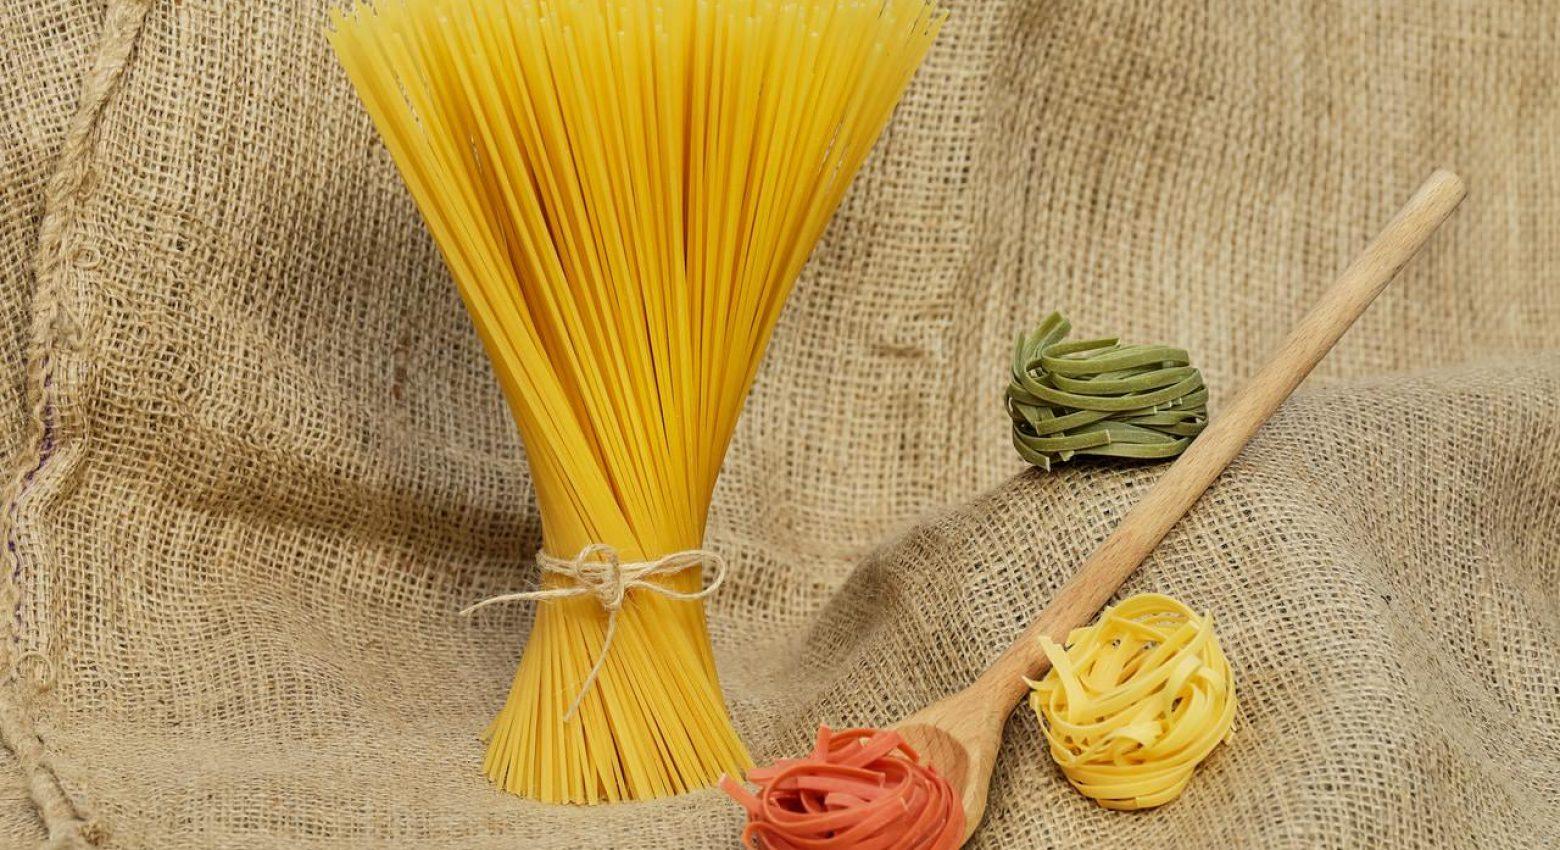 stedt_kopmanlose_unser_sortiment_pasta